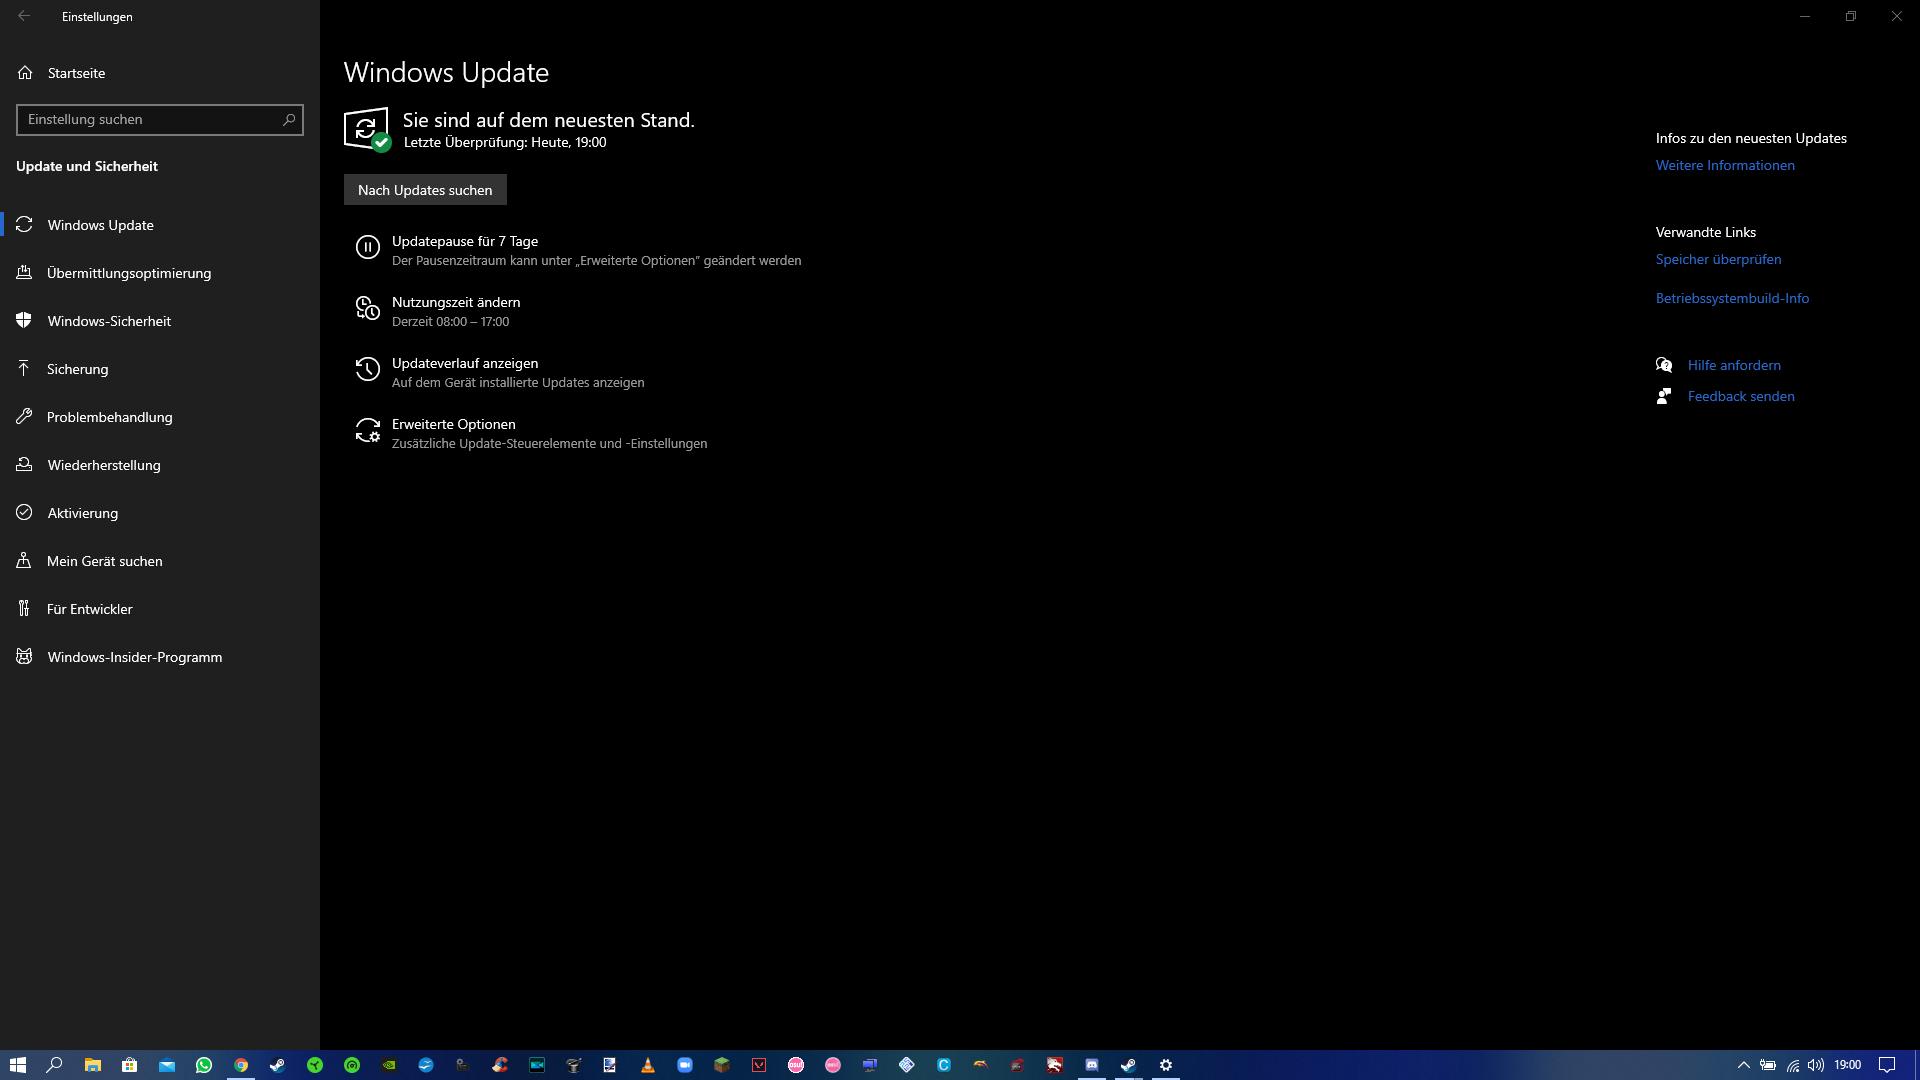 Windows Update ist immer noch auf dem neuesten Stand....